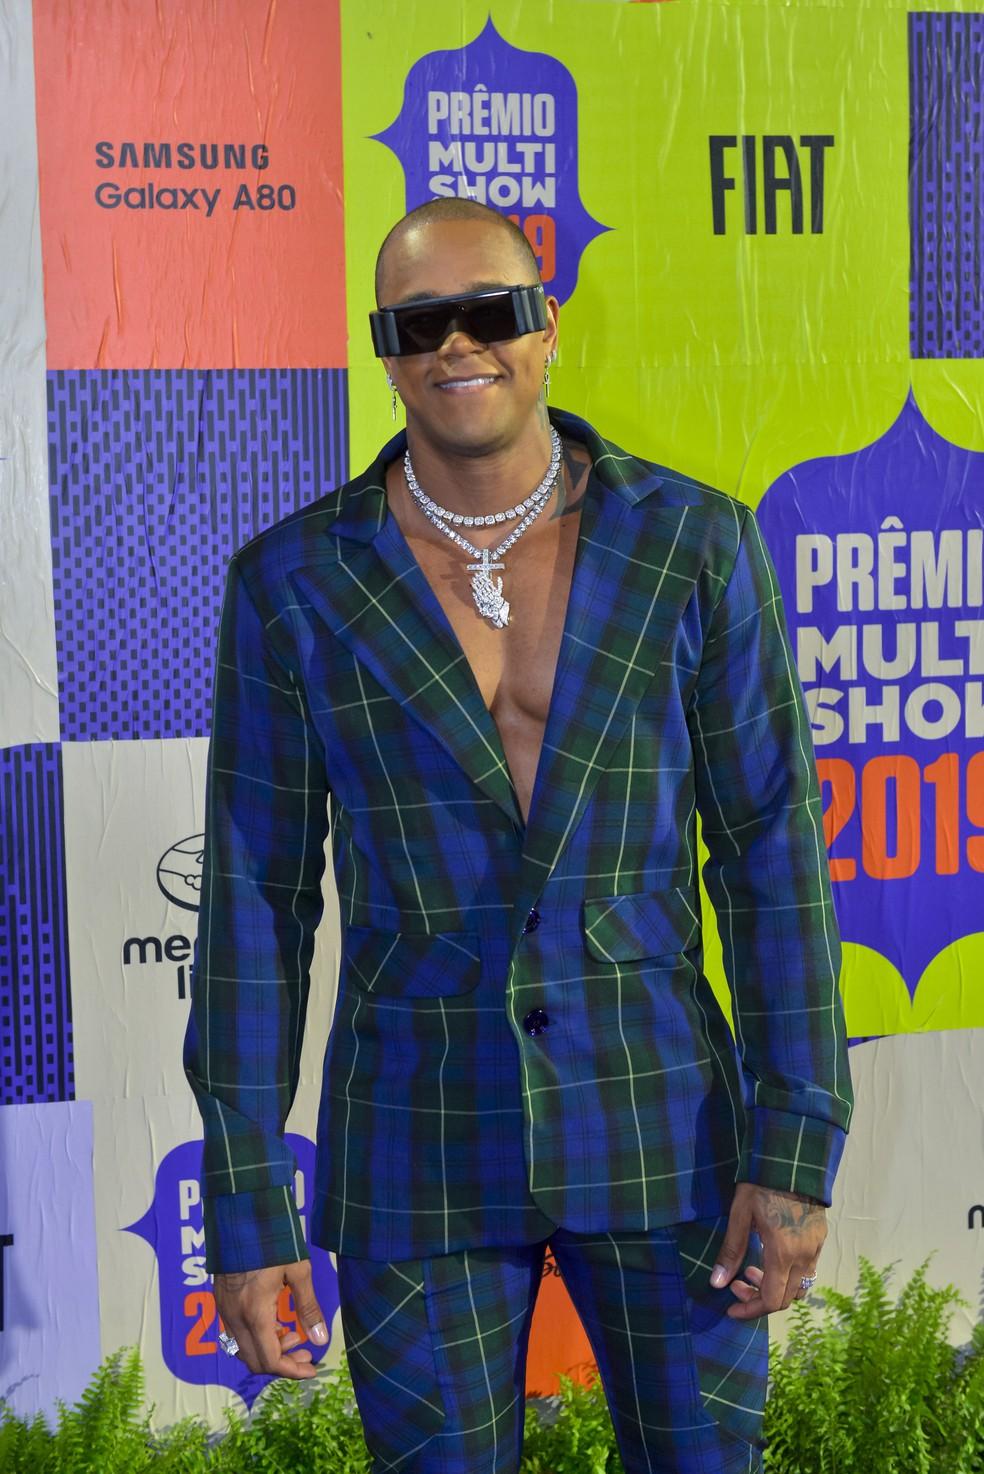 Léo Santana ofuscou com maxi joias e óculos de modelo futurista — Foto: Fabio Cordeiro/Gshow